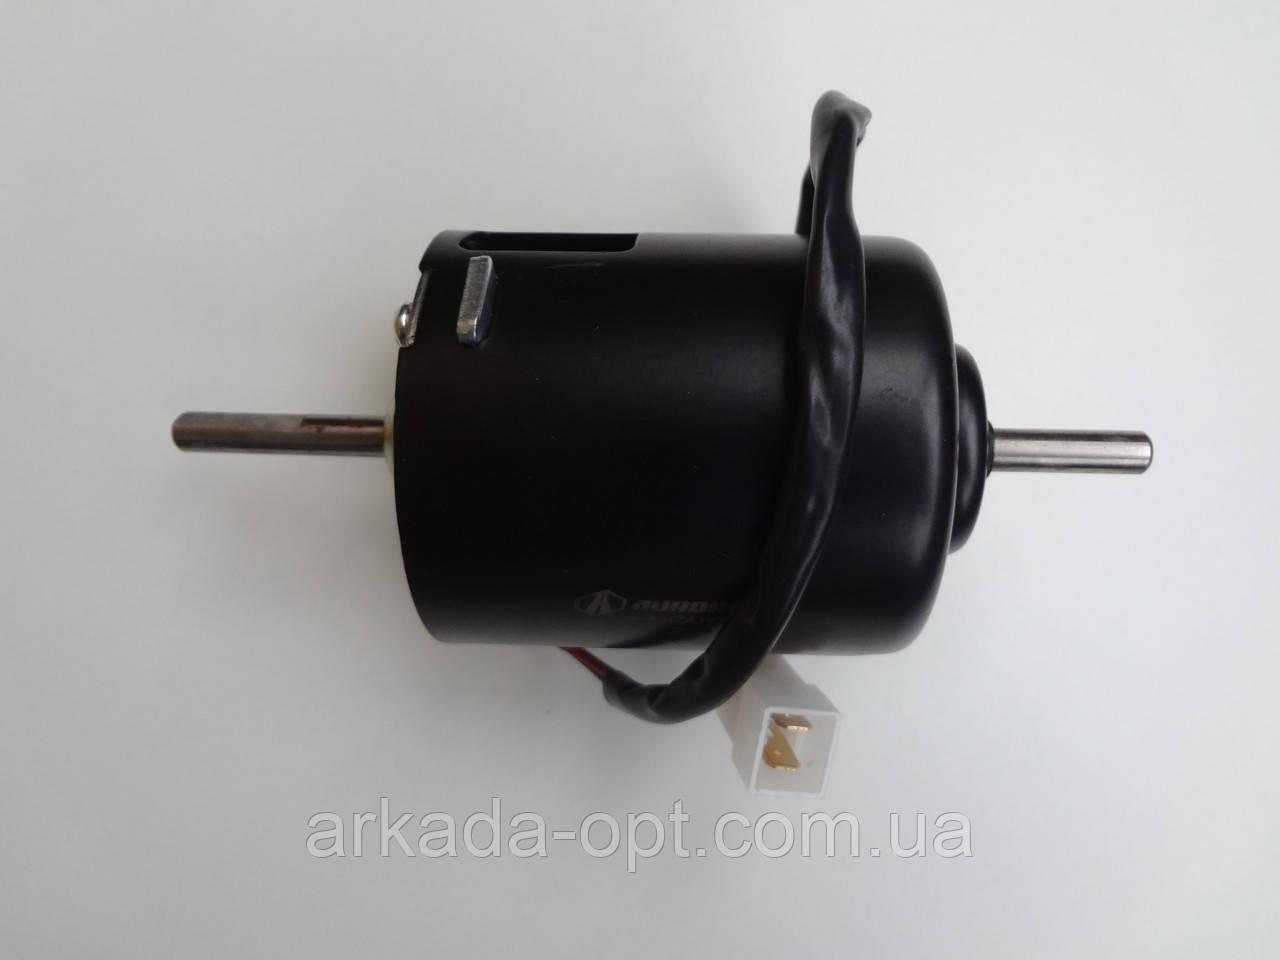 Мотор грубки вентилятор обігрівача ЗАЗ 1102 Таврия Газ 3302 Москвич 2141 Aurora